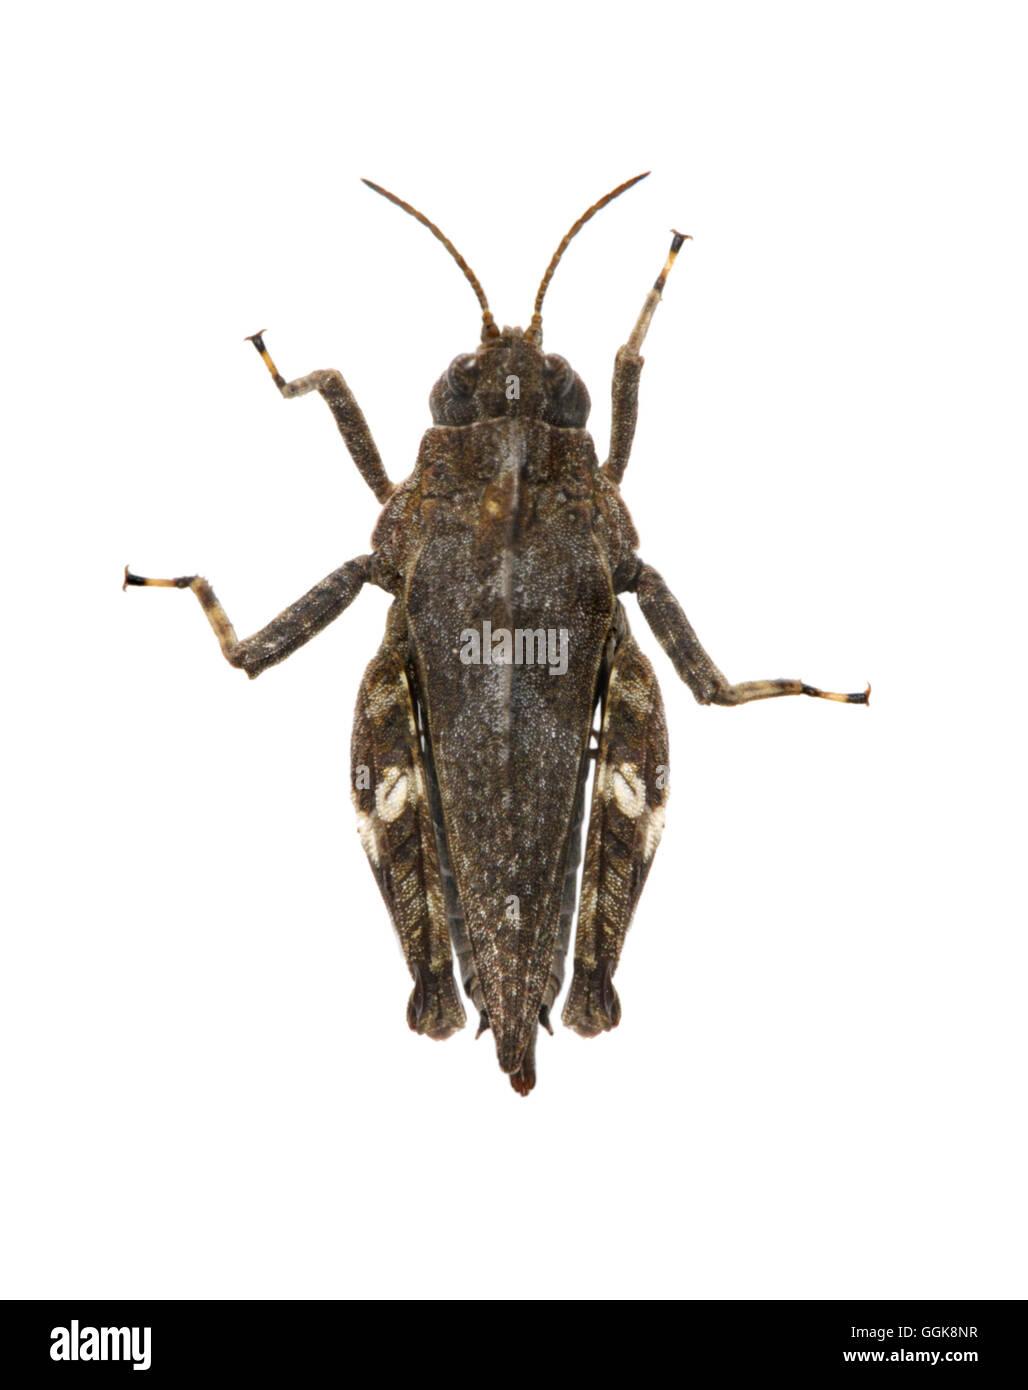 Common Groundhopper - Tetrix undata - Stock Image